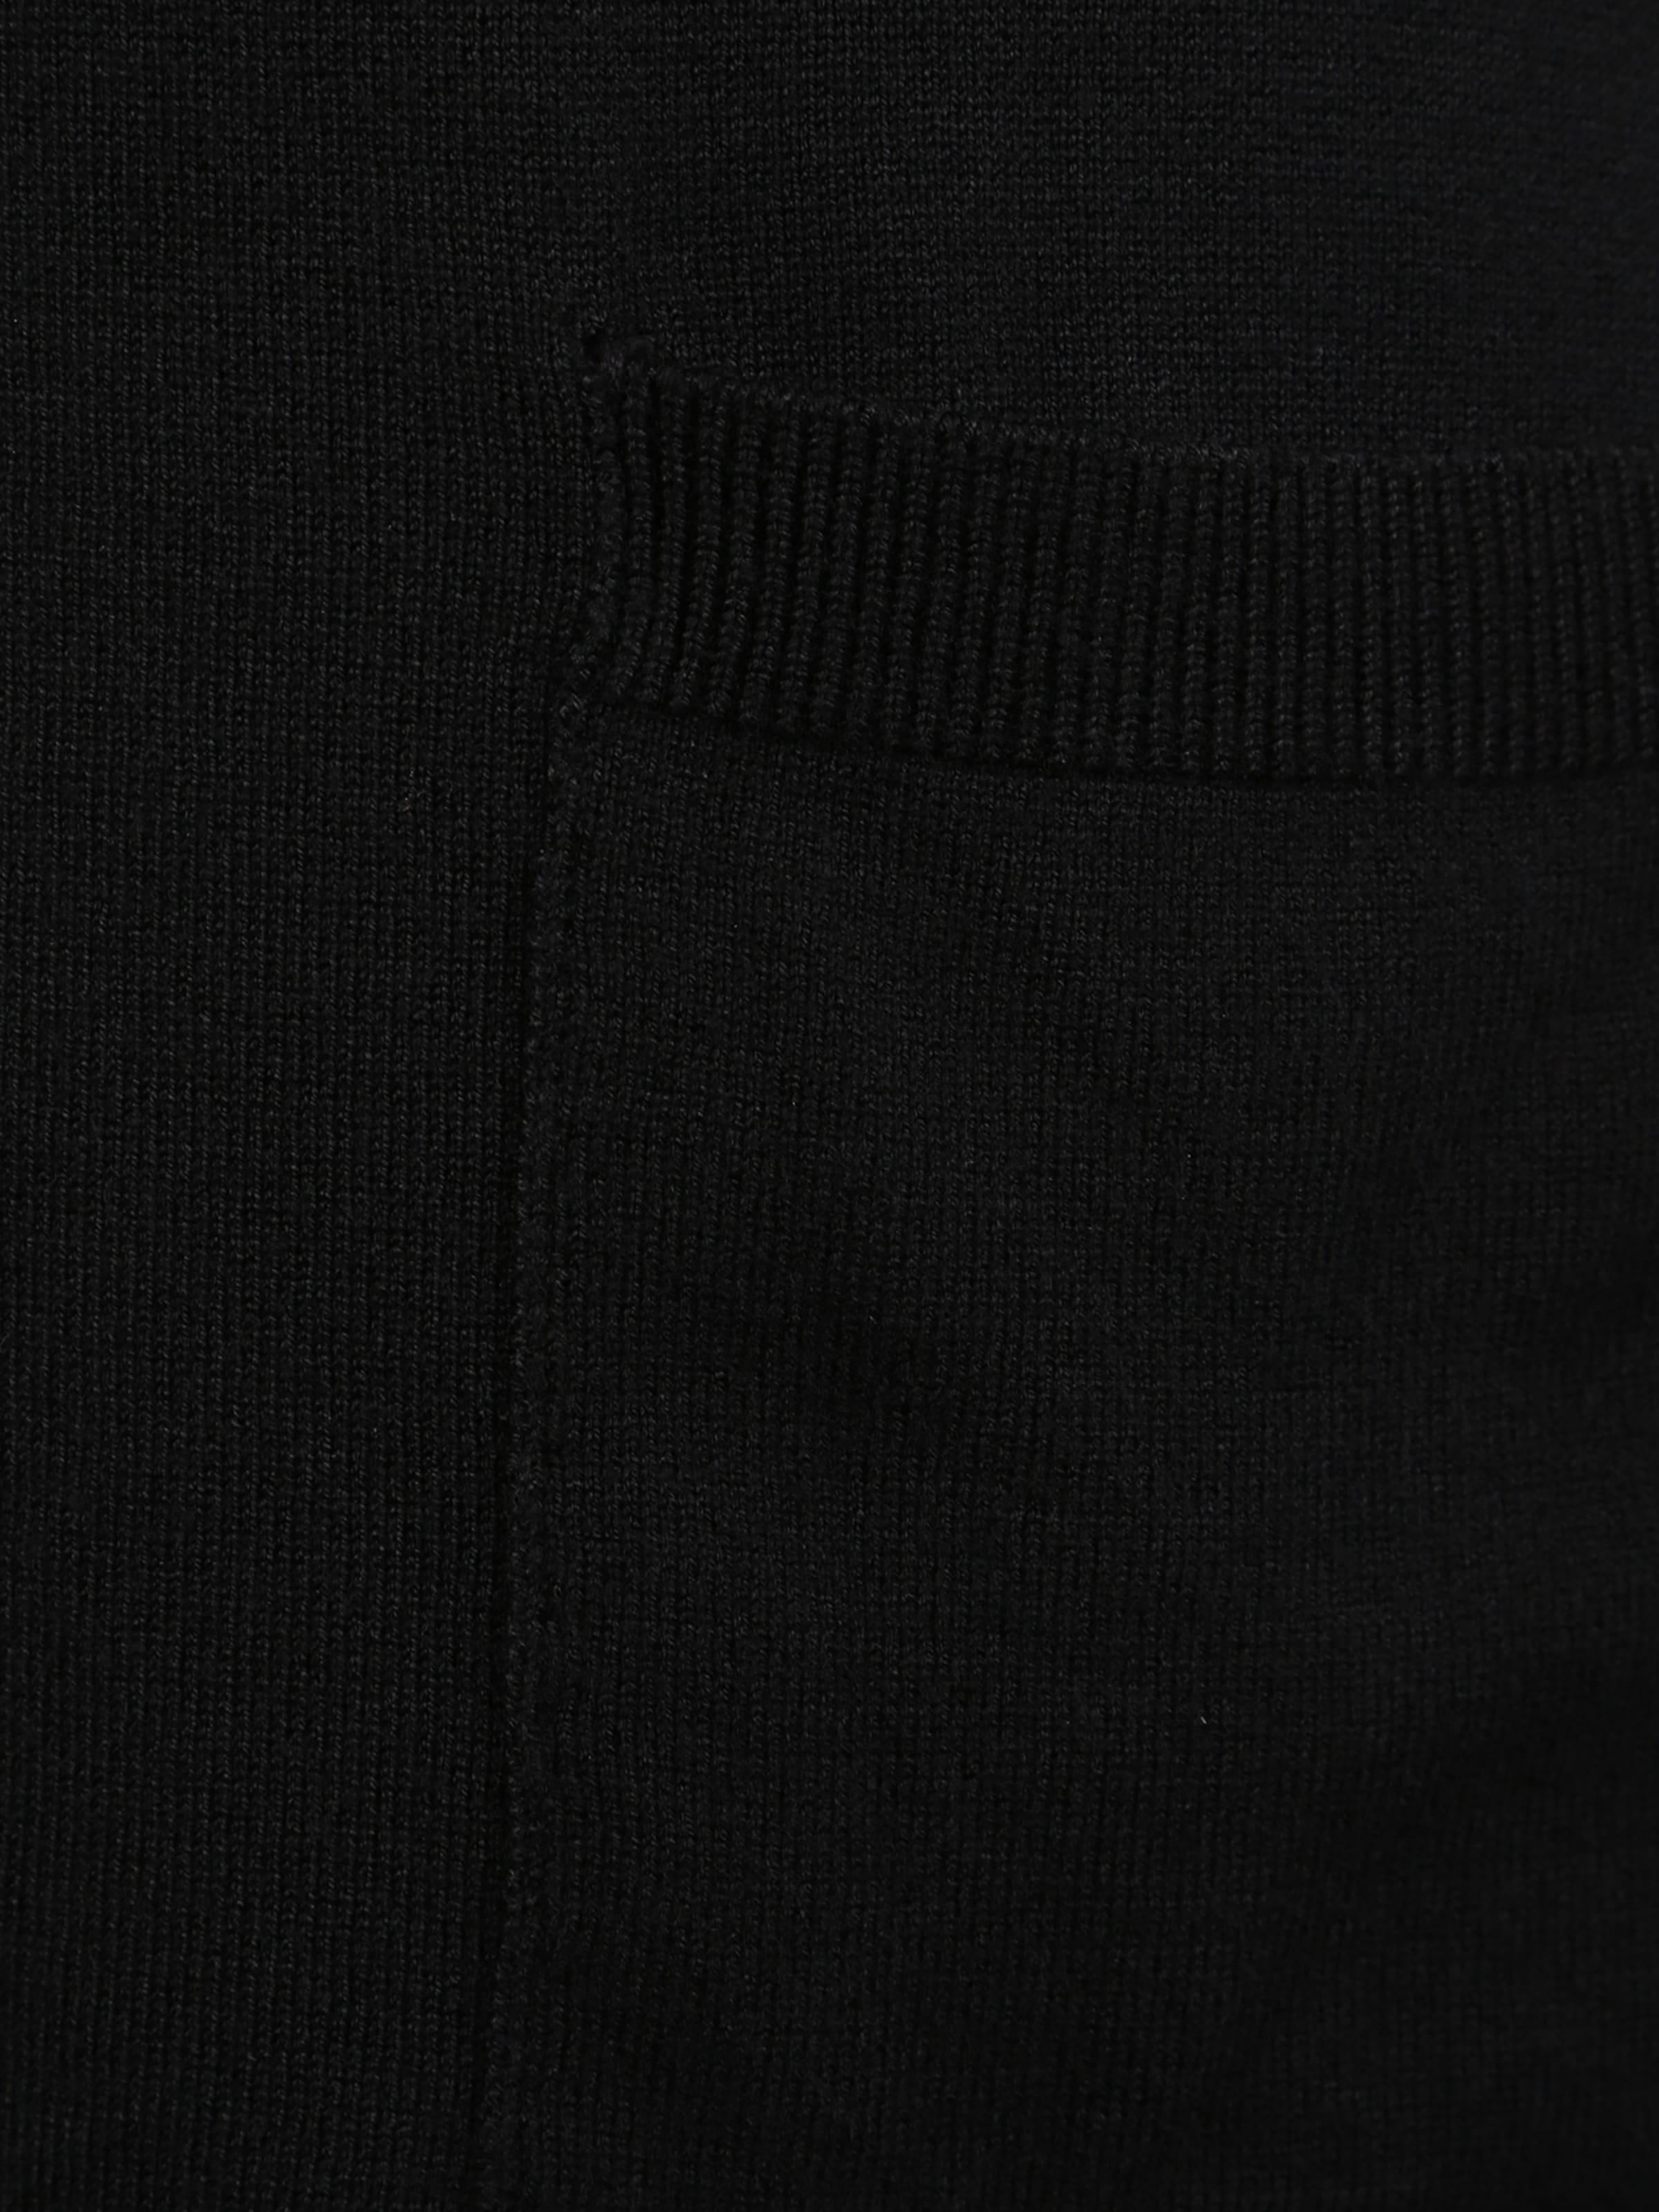 'cardiganLs' Noir Cardigan 'cardiganLs' Zizzi Zizzi Cardigan En Cardigan En Noir Zizzi EWDYH29I